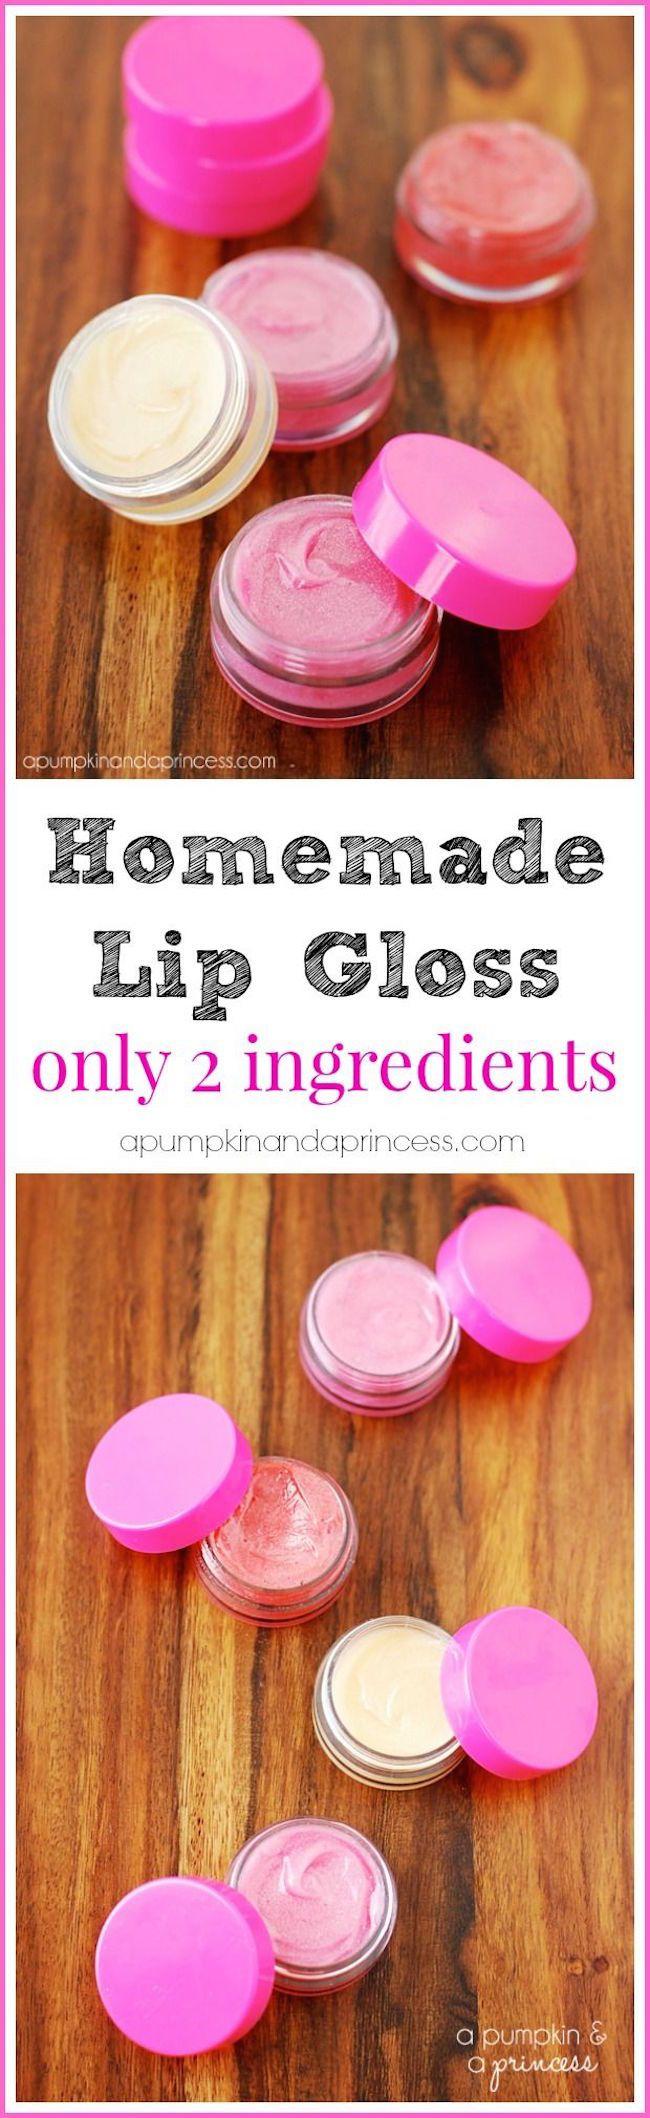 The 11 Best DIY Beauty Remedies -Homemade Lip Gloss